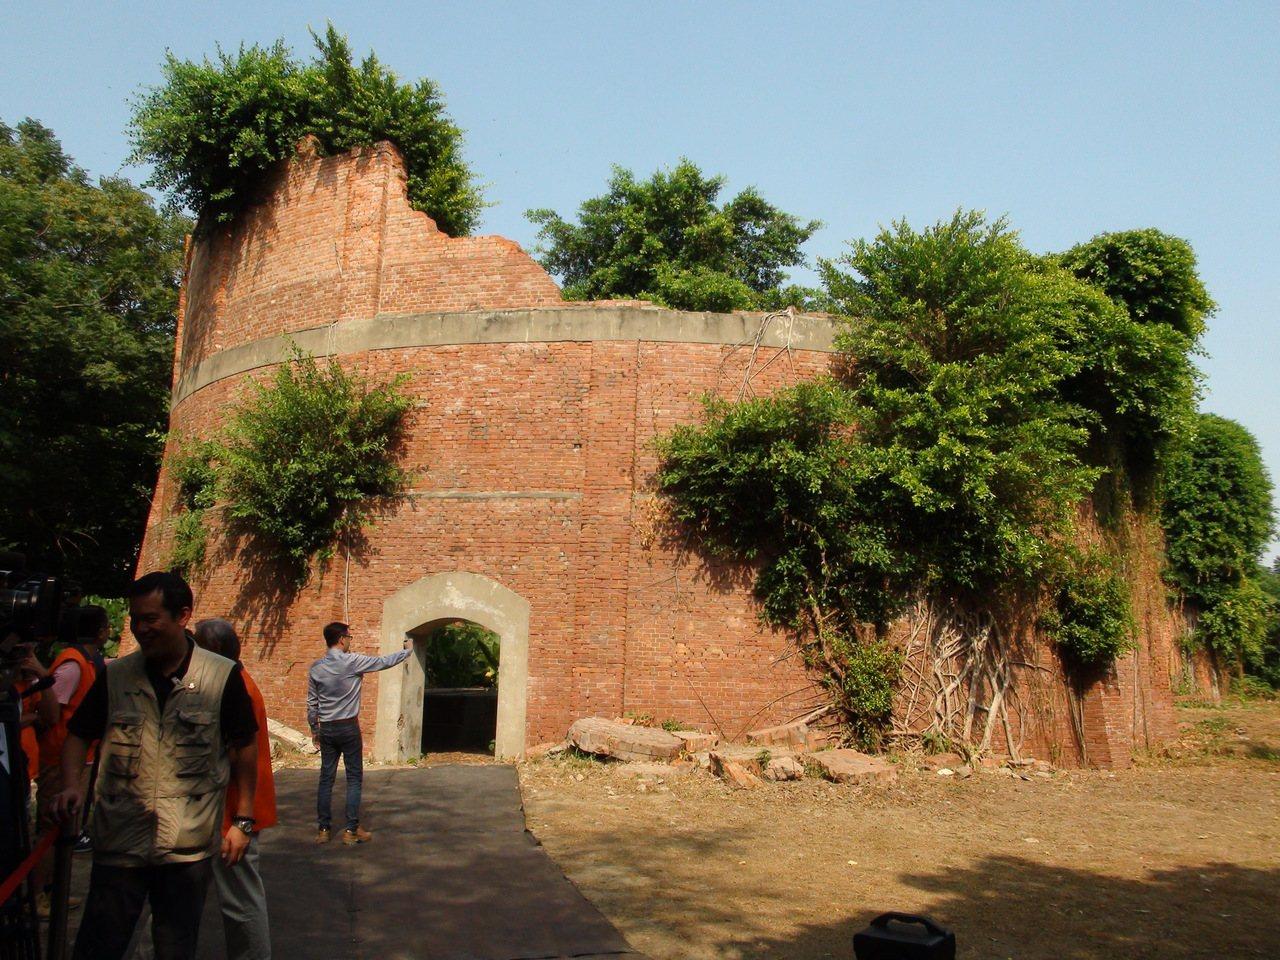 位於雲林縣虎尾糖廠總廠內的磚造酒精槽,曾是日據時代東亞地區最大的酒精工場設施,生...